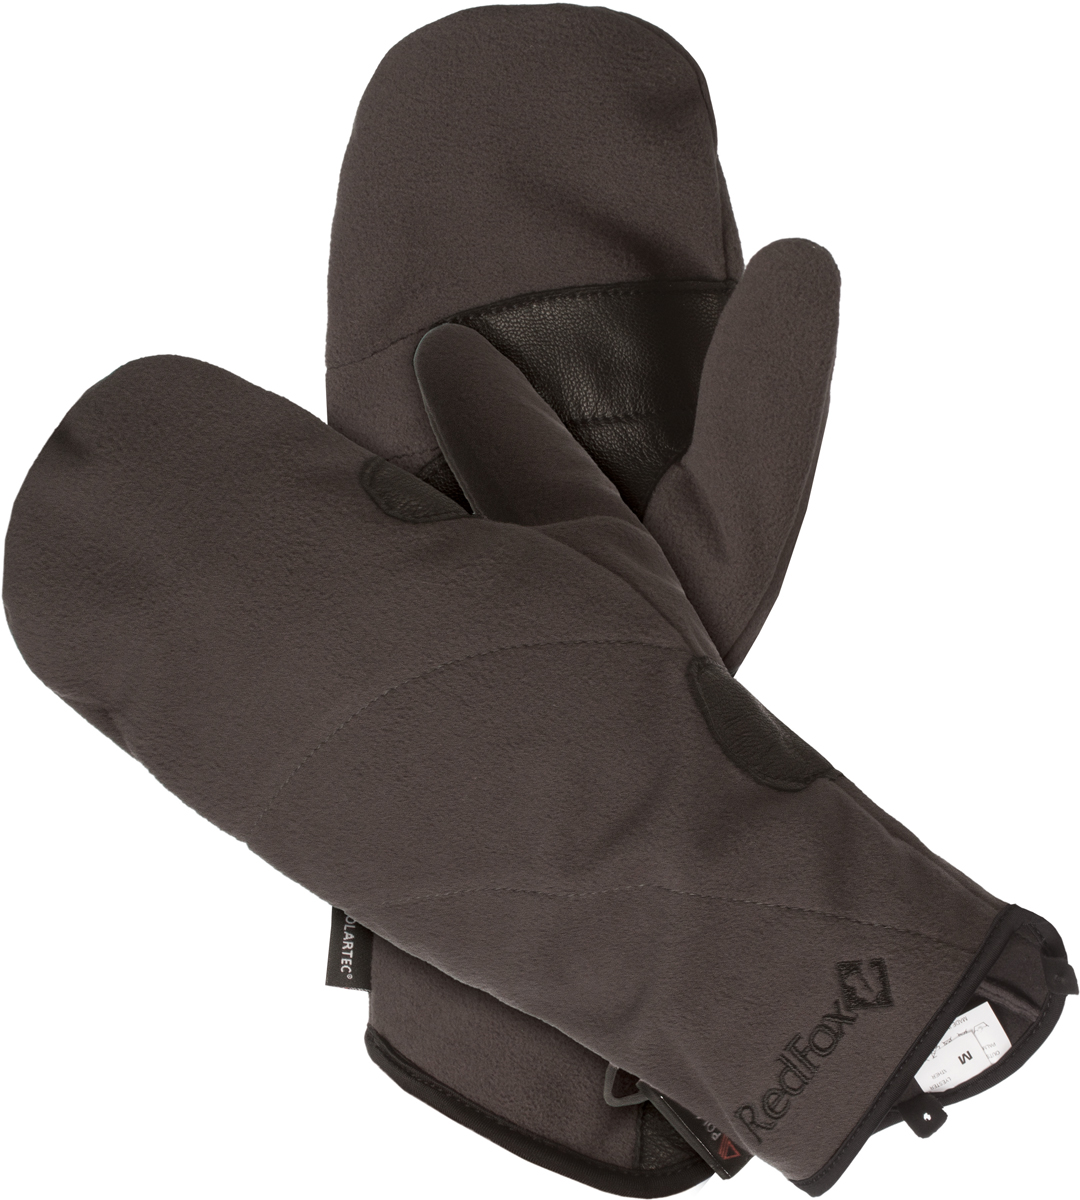 Варежки женские Red Fox Samanta, цвет: серый. 1035671. Размер L (23,5/25,5)1035671Варежки Red Fox выполнены из полиэстера и оформлены вышивкой логотипа бренда. Модель дополнена усилением в области ладони и карабином для крепления рукавиц к одежде или между собой.